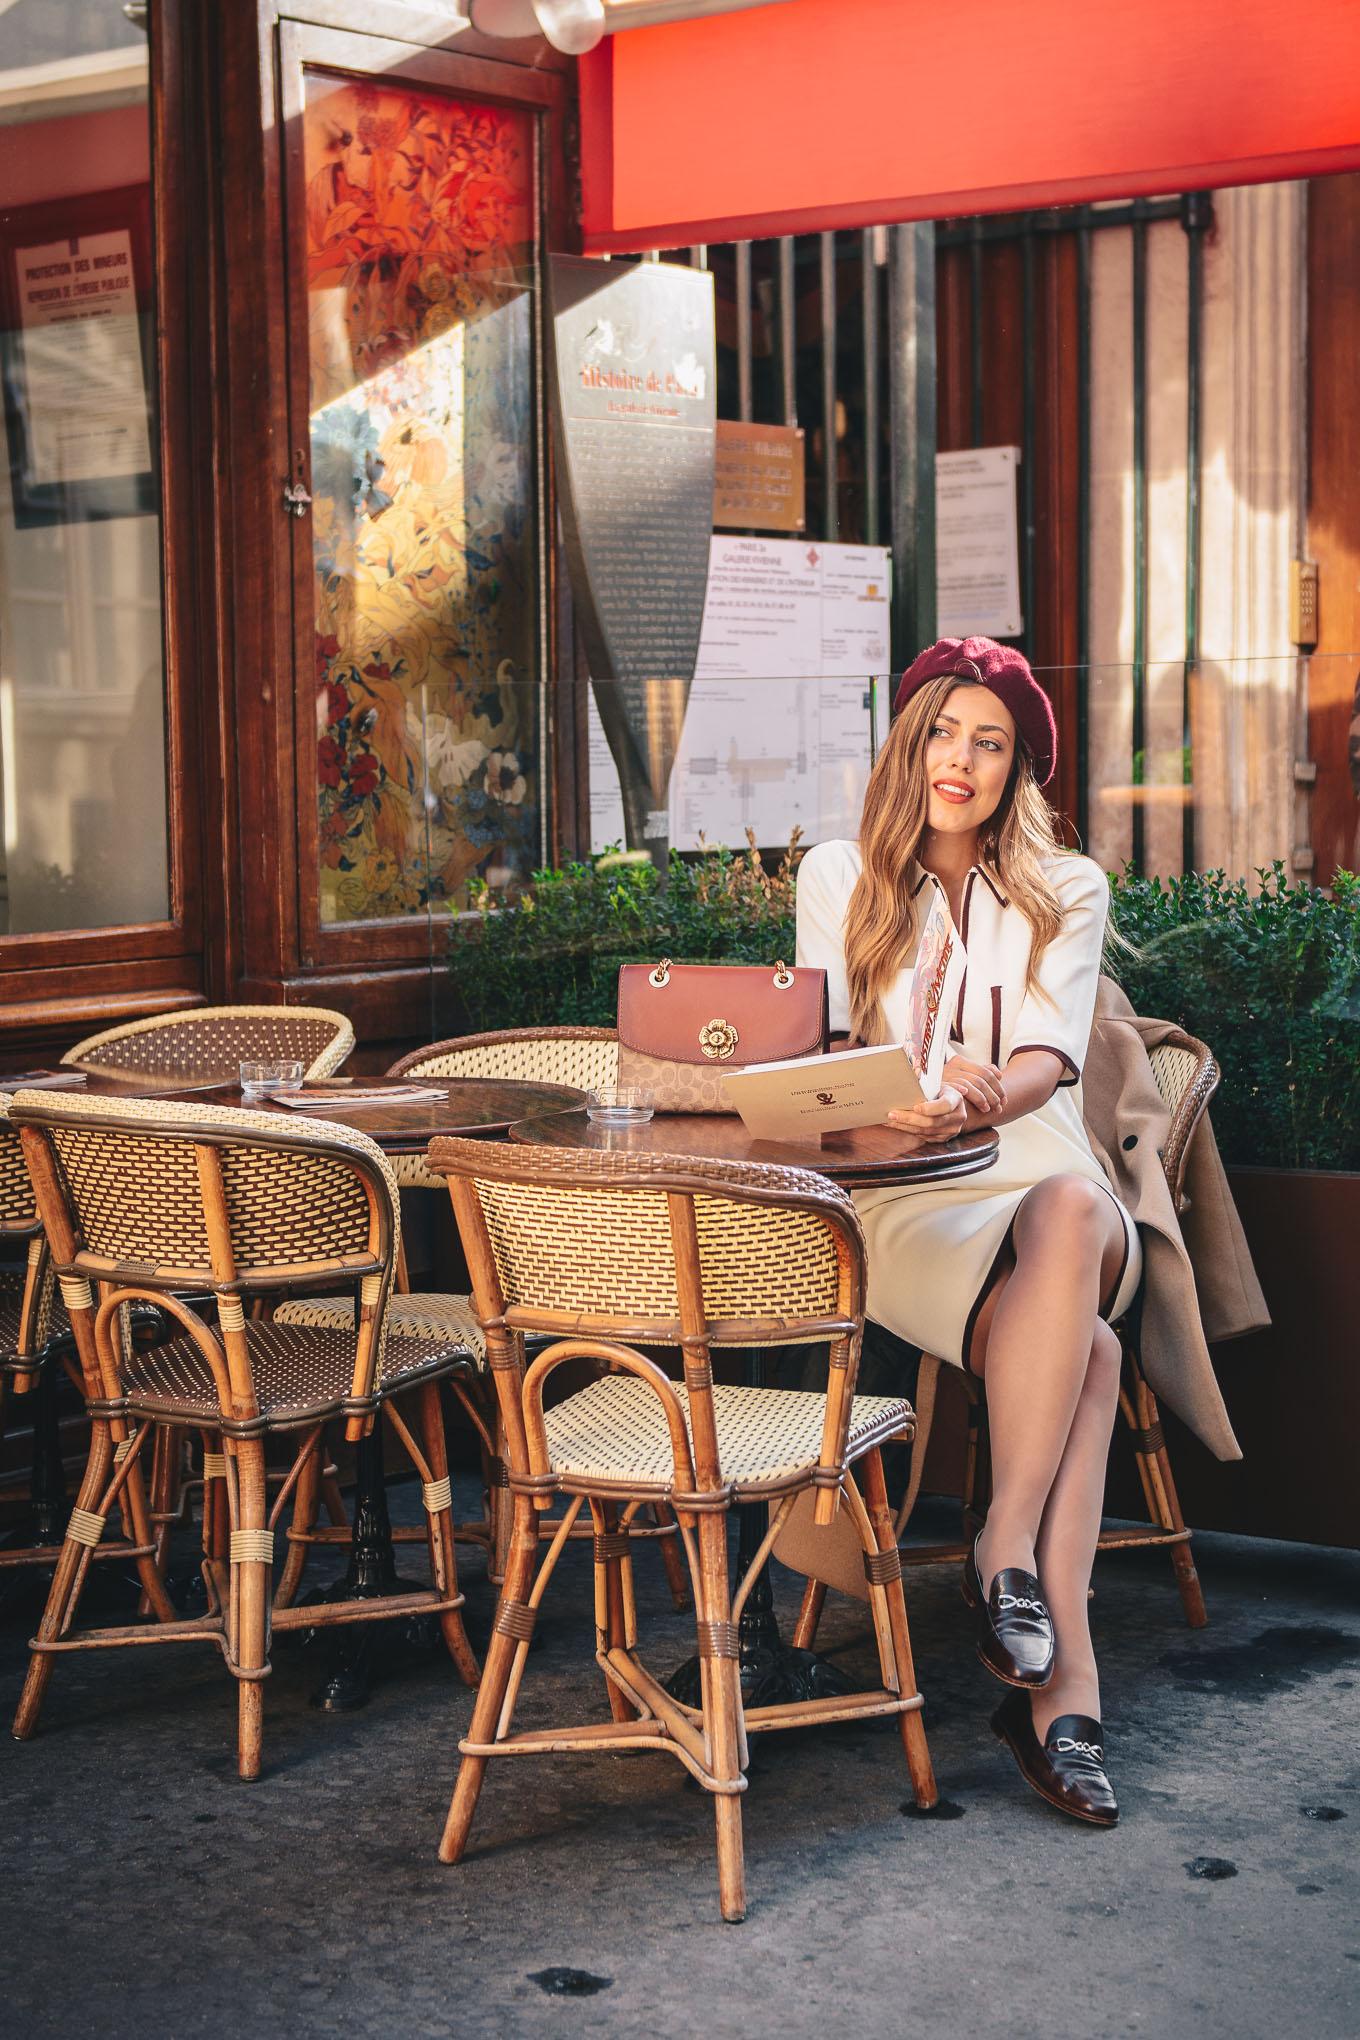 Cafe Vivienne Paris